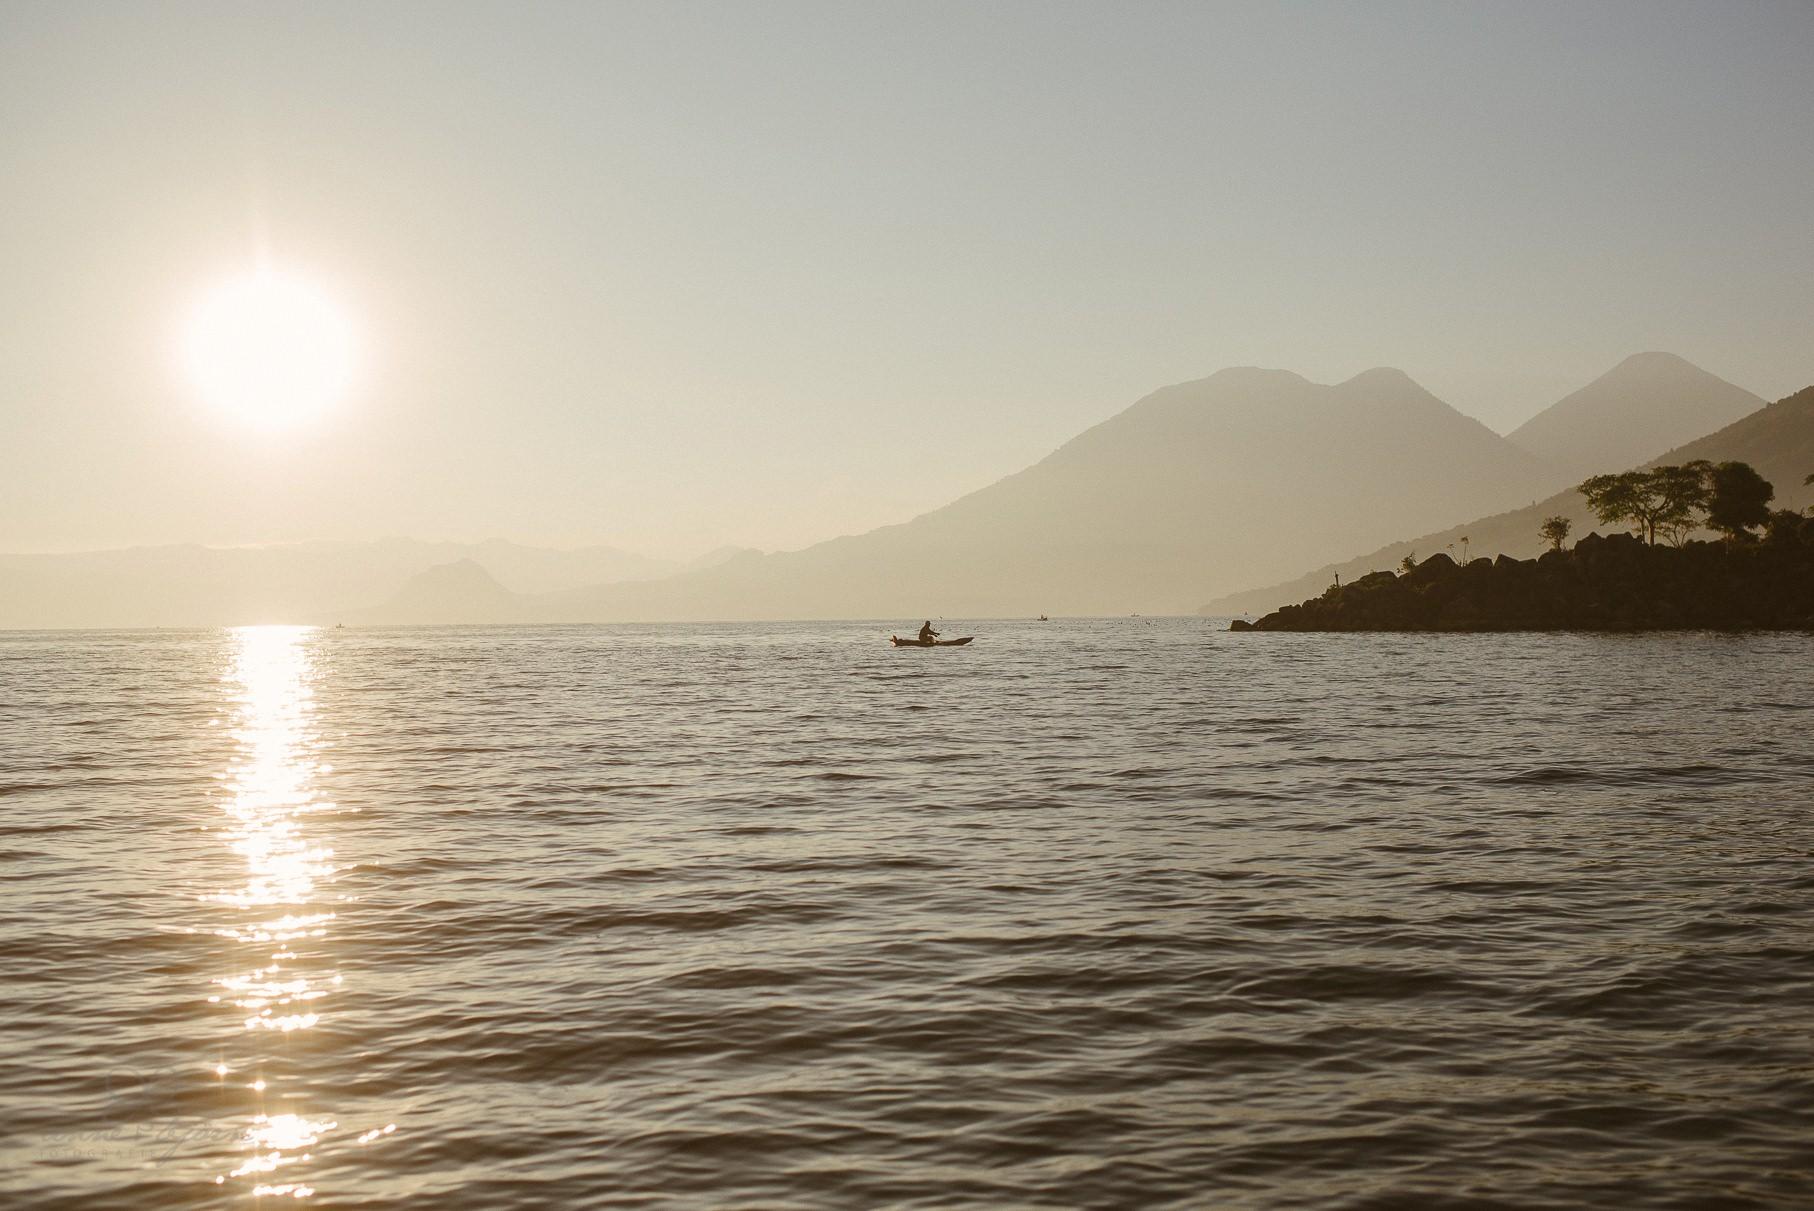 0171 anne und bjoern guatemala d75 4353 - 4 Wochen durch Guatemala - backpacking durch Mittelamerika